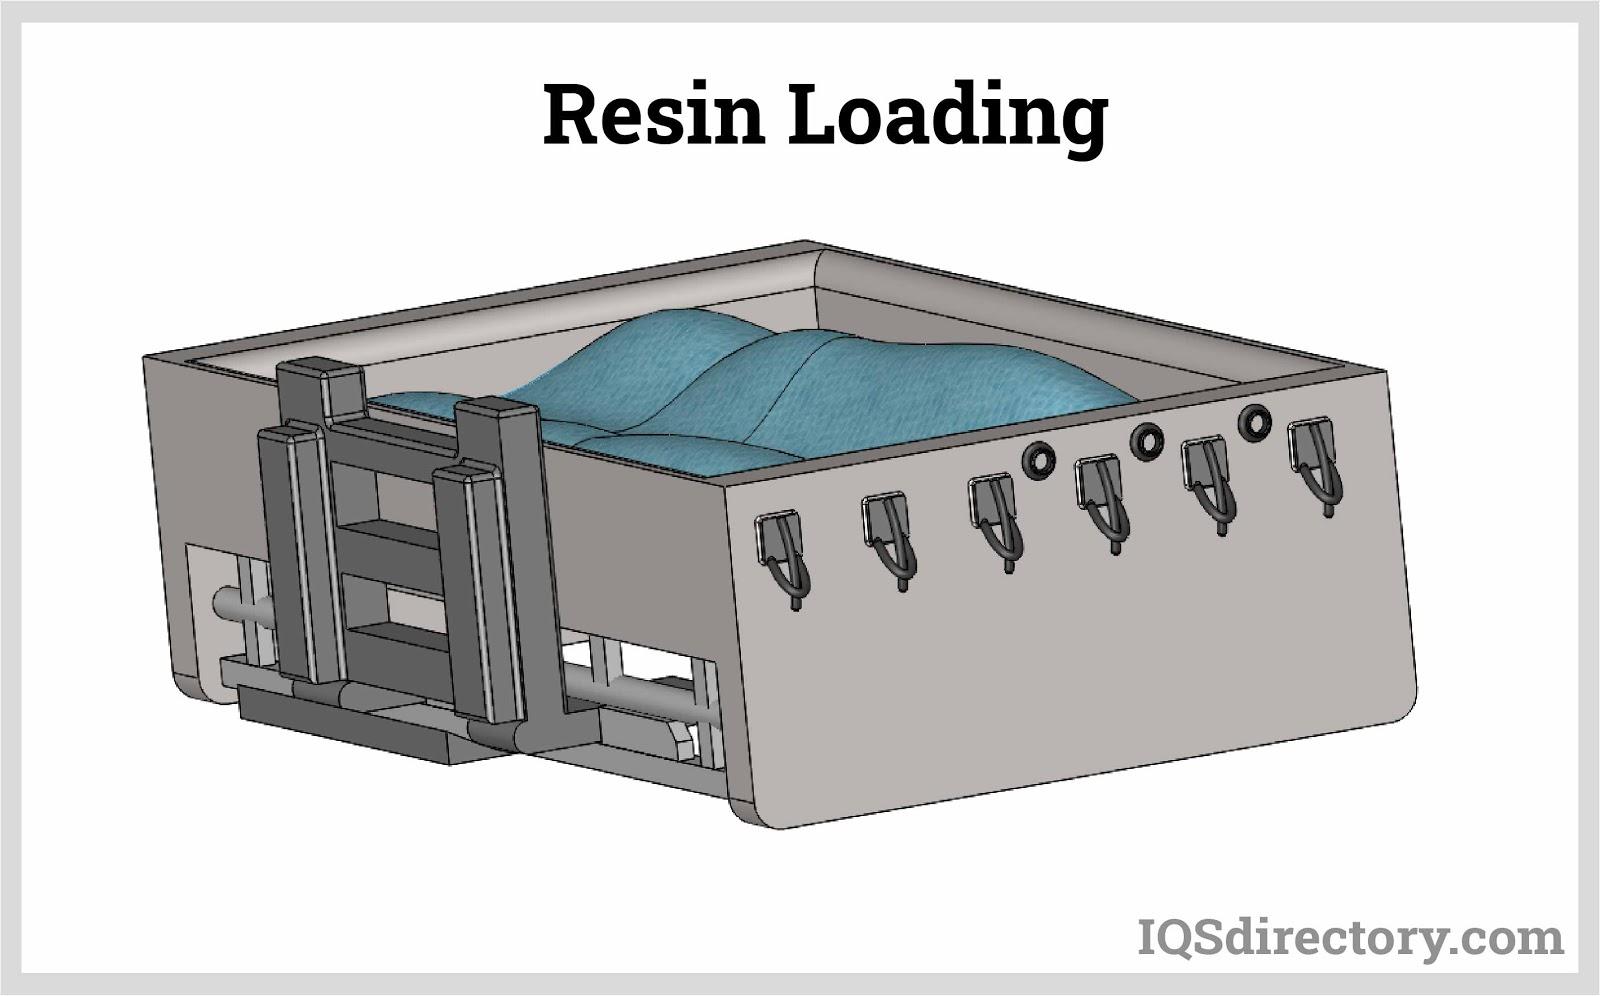 Resin Loading